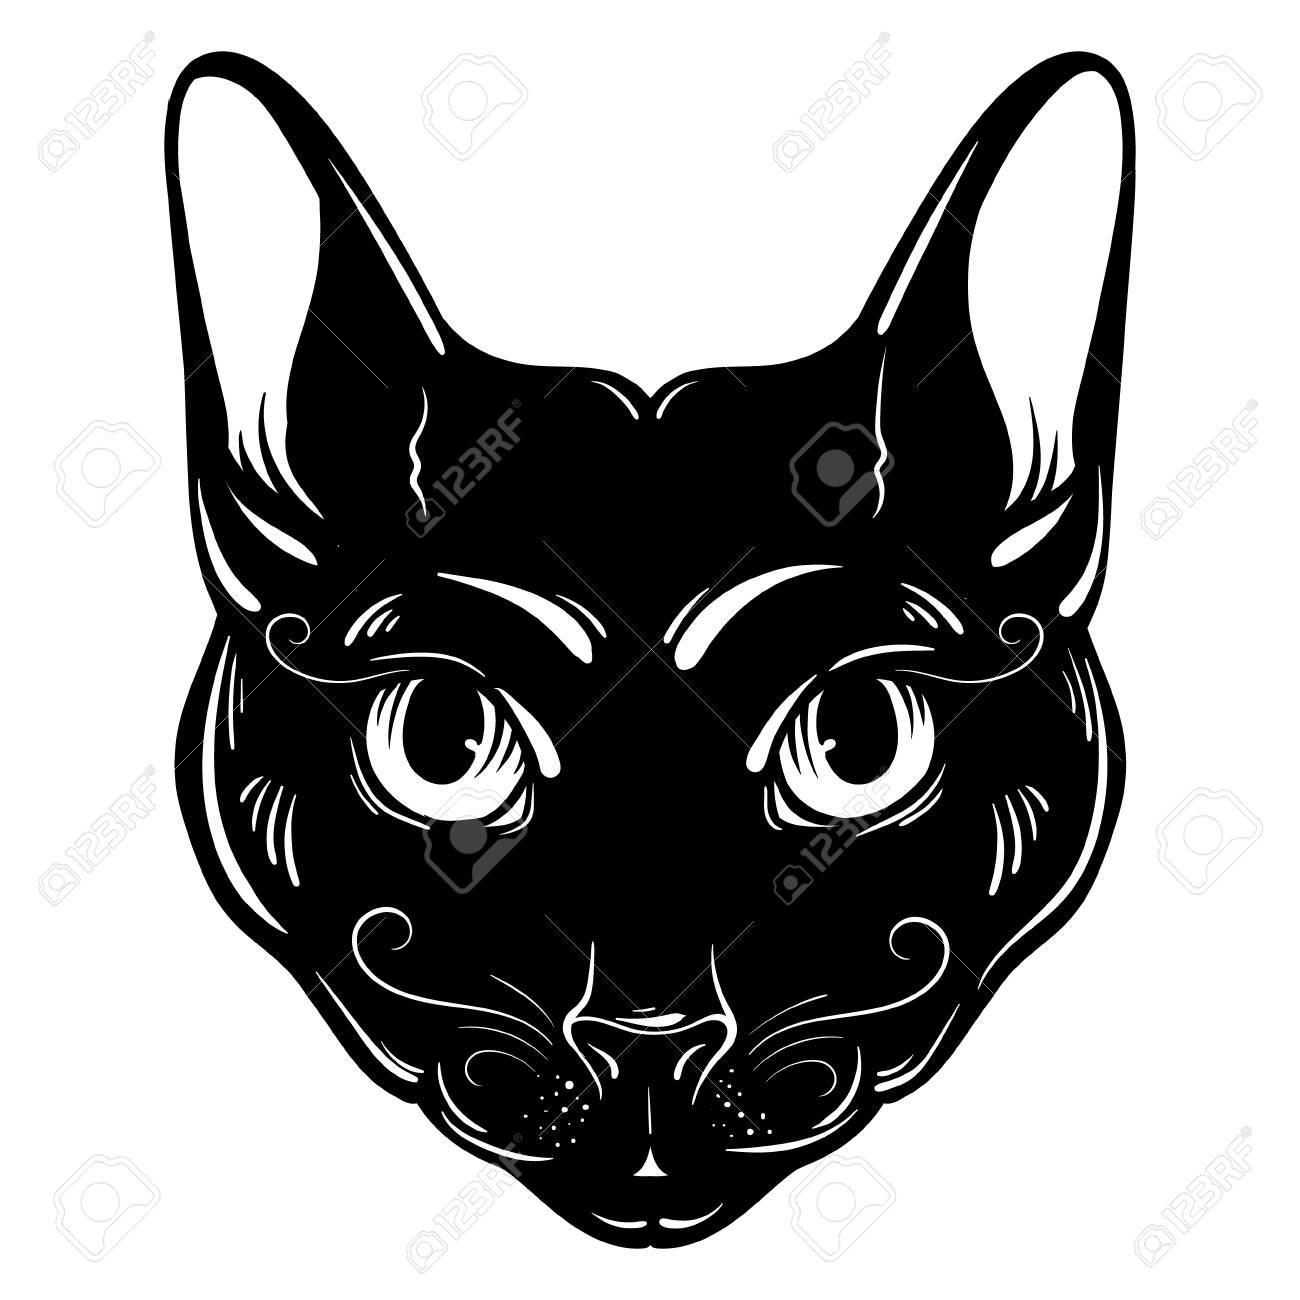 vektor hand gezeichnet ilustration der katze. charakter-design